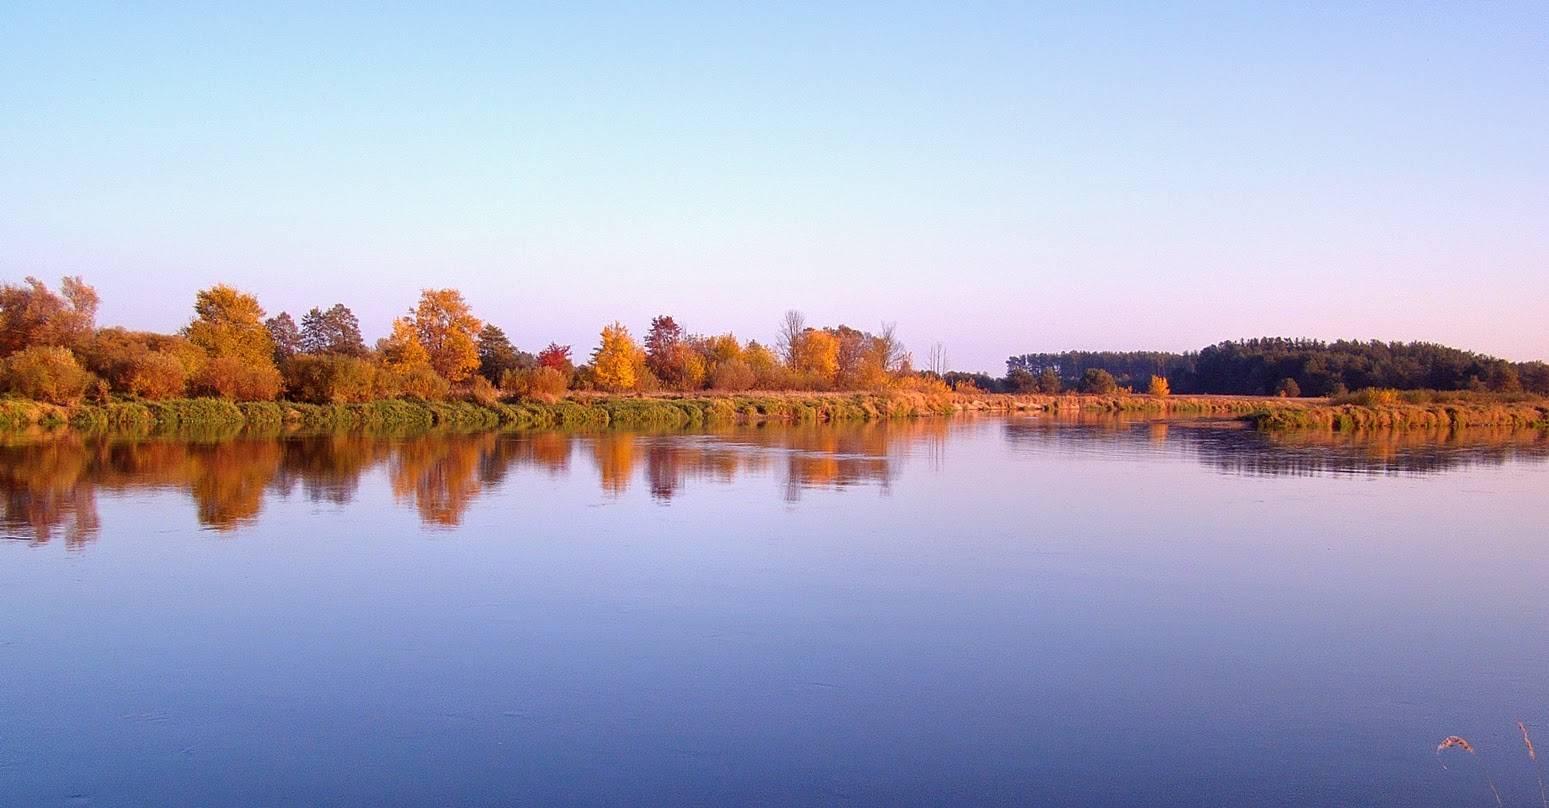 rzeka Bug przy kiełpińcu jesienią 2015 2